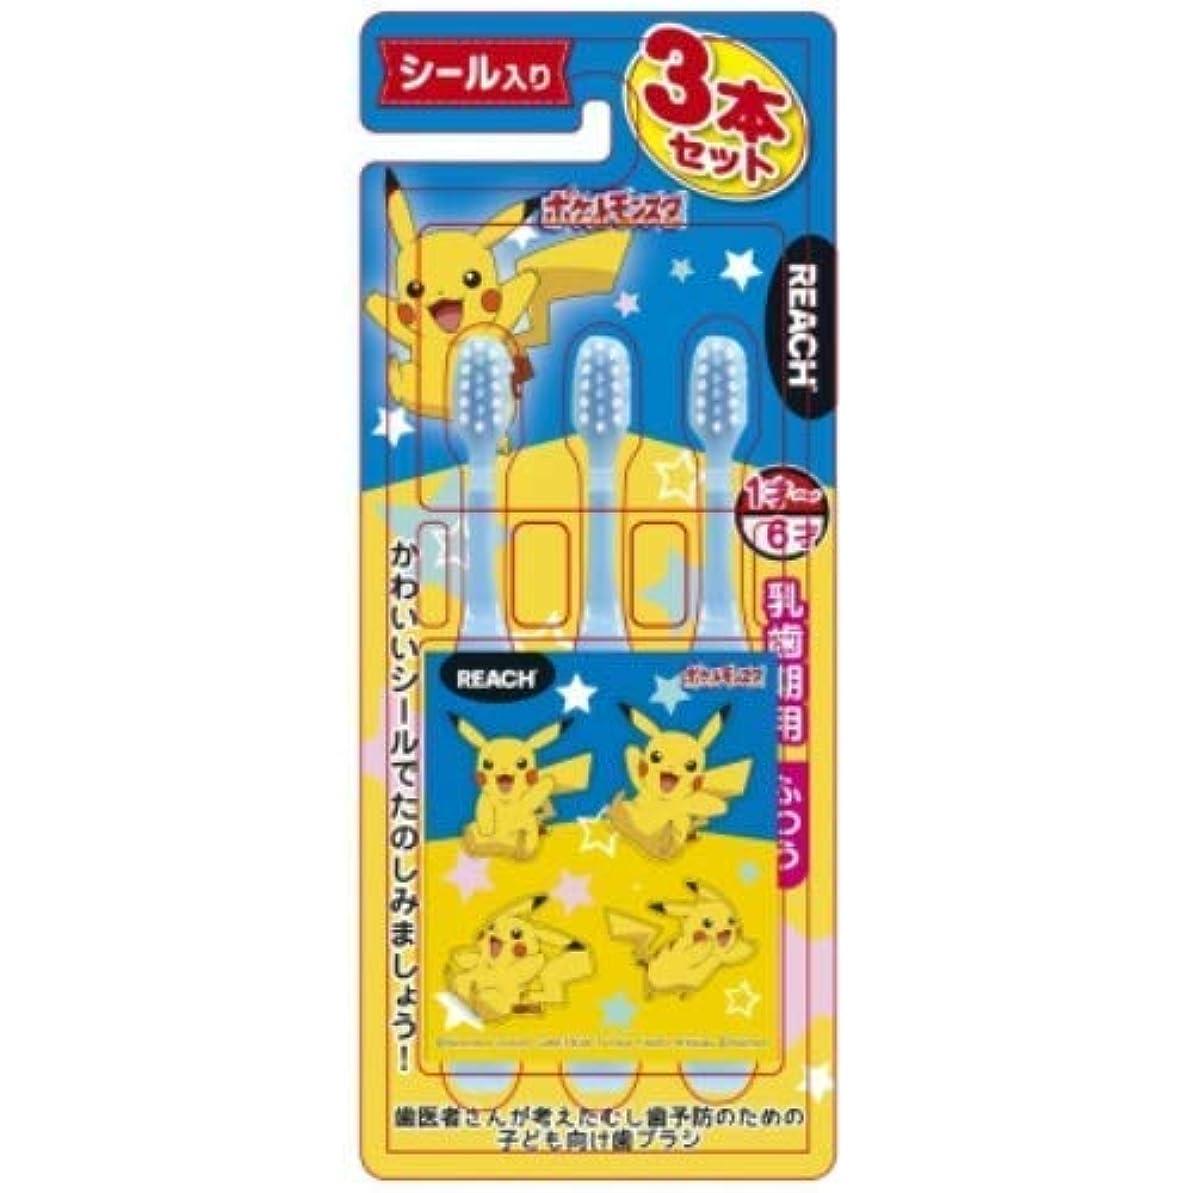 トライアスリートシャワーレモンリーチキッズ3本(シール入り) ポケモン 乳歯期用 × 4個セット